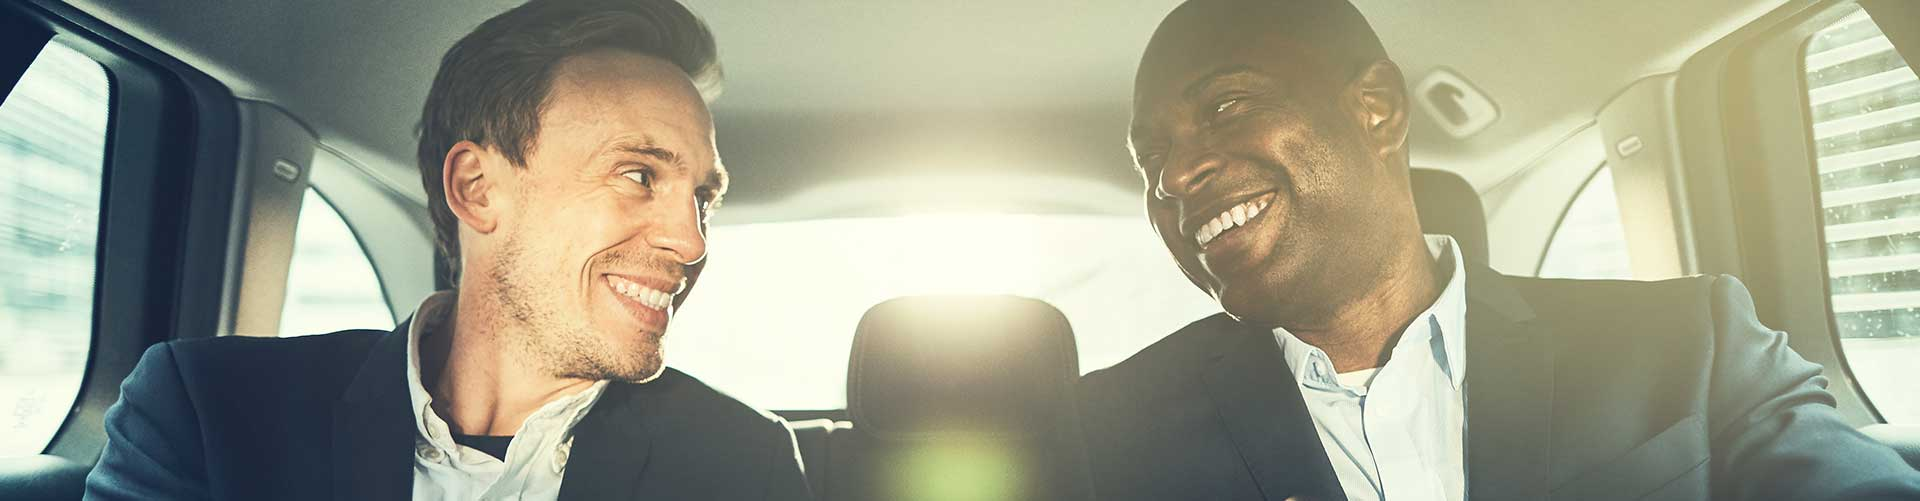 Zwei Businessmänner unterhalten sich über eine mögliche Kooperation.